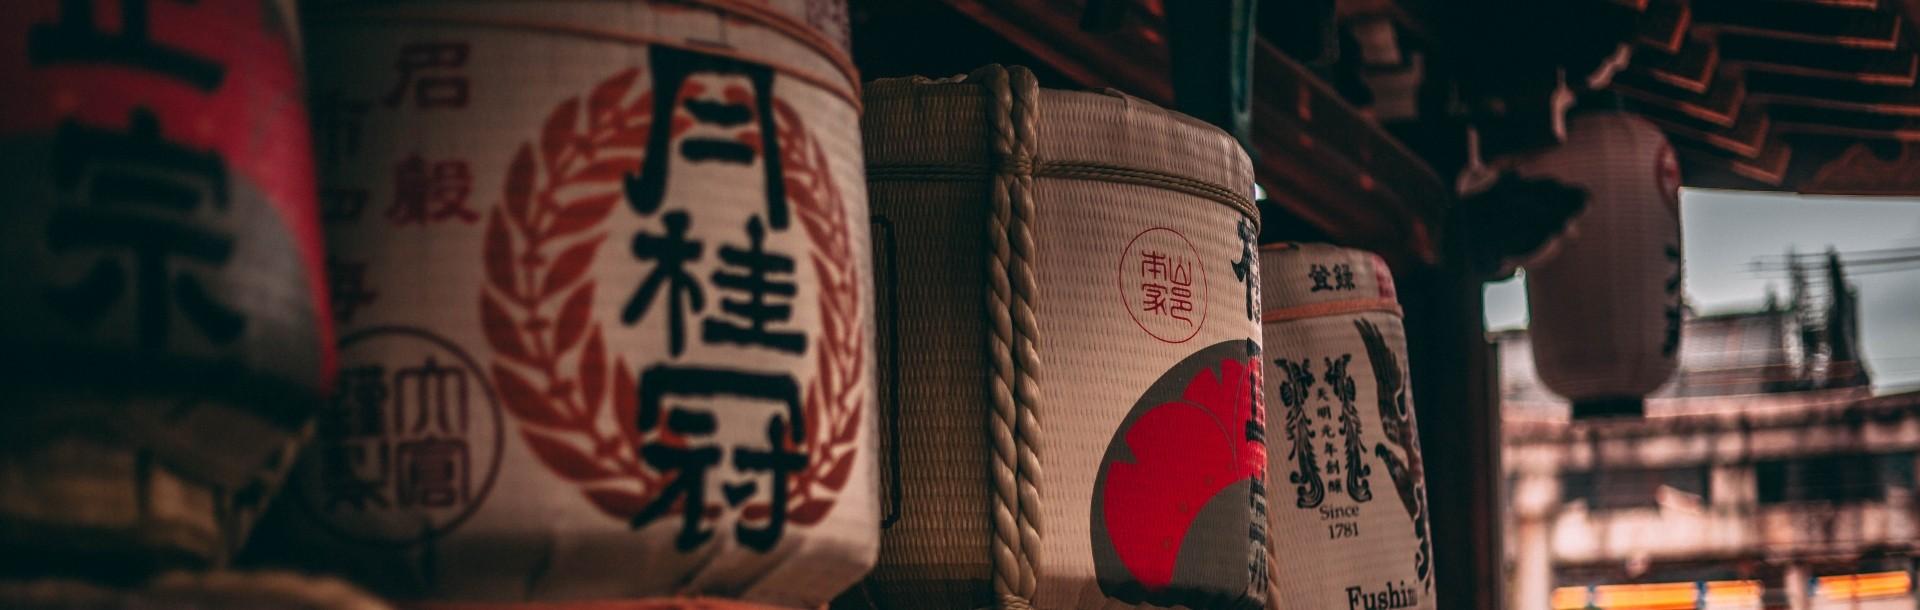 japoński seks w łaźni